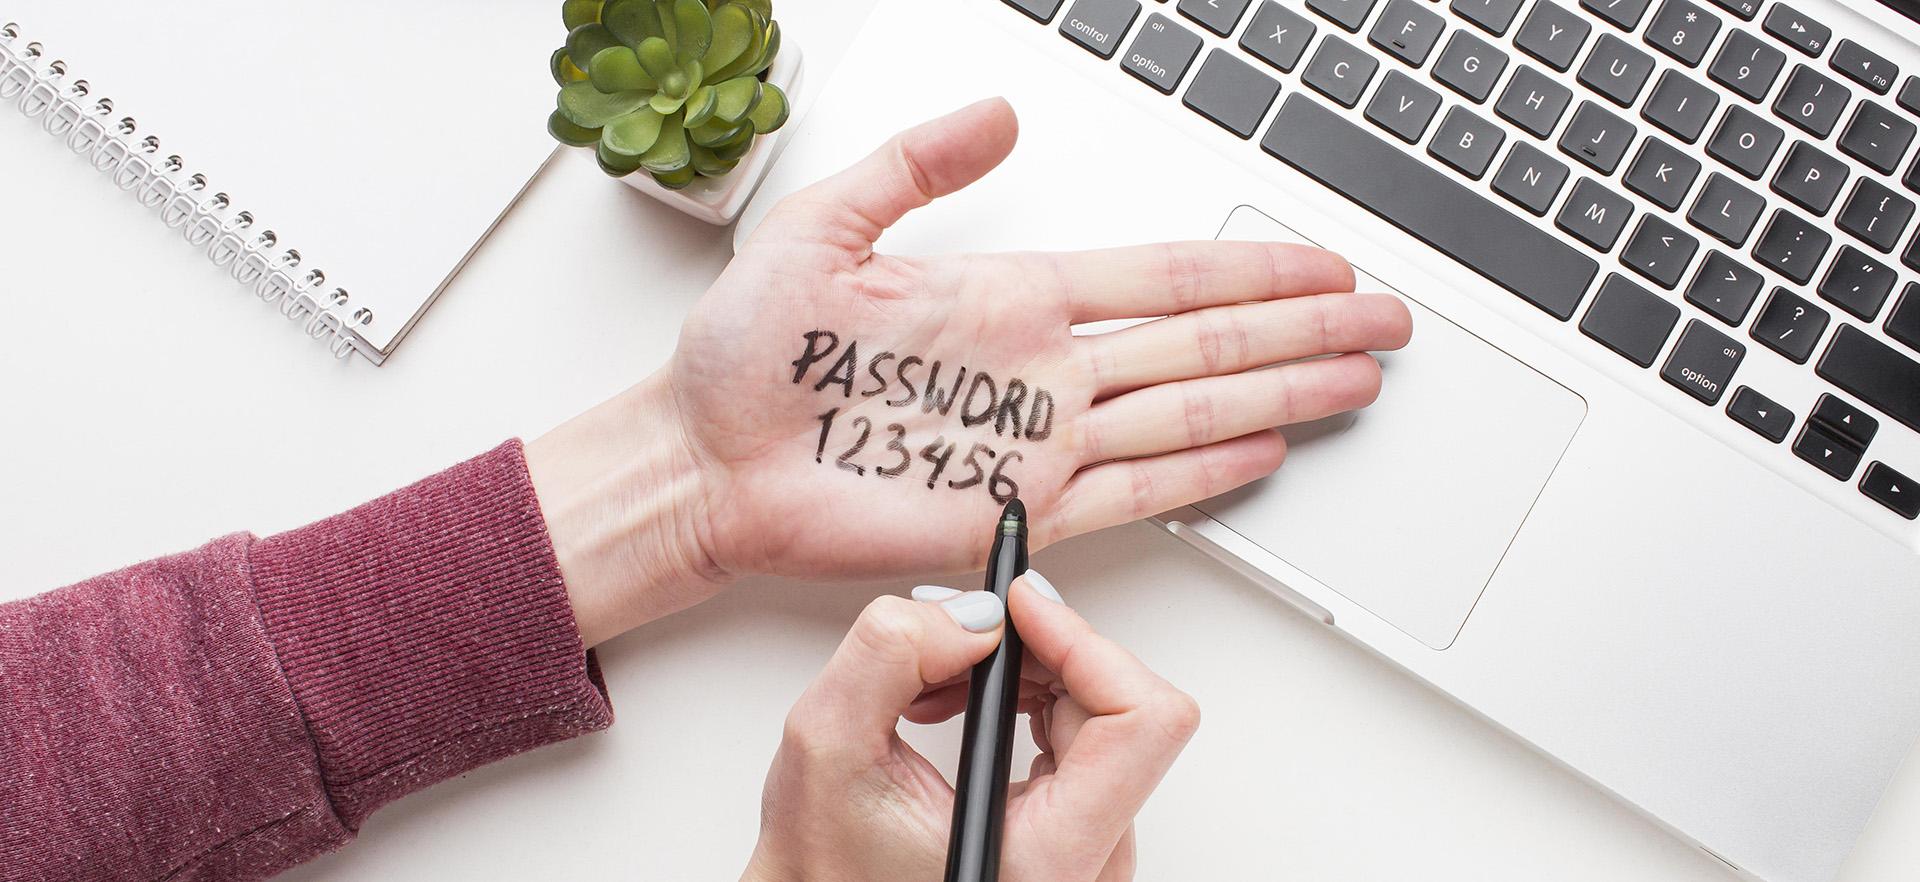 heslo-na-ruke